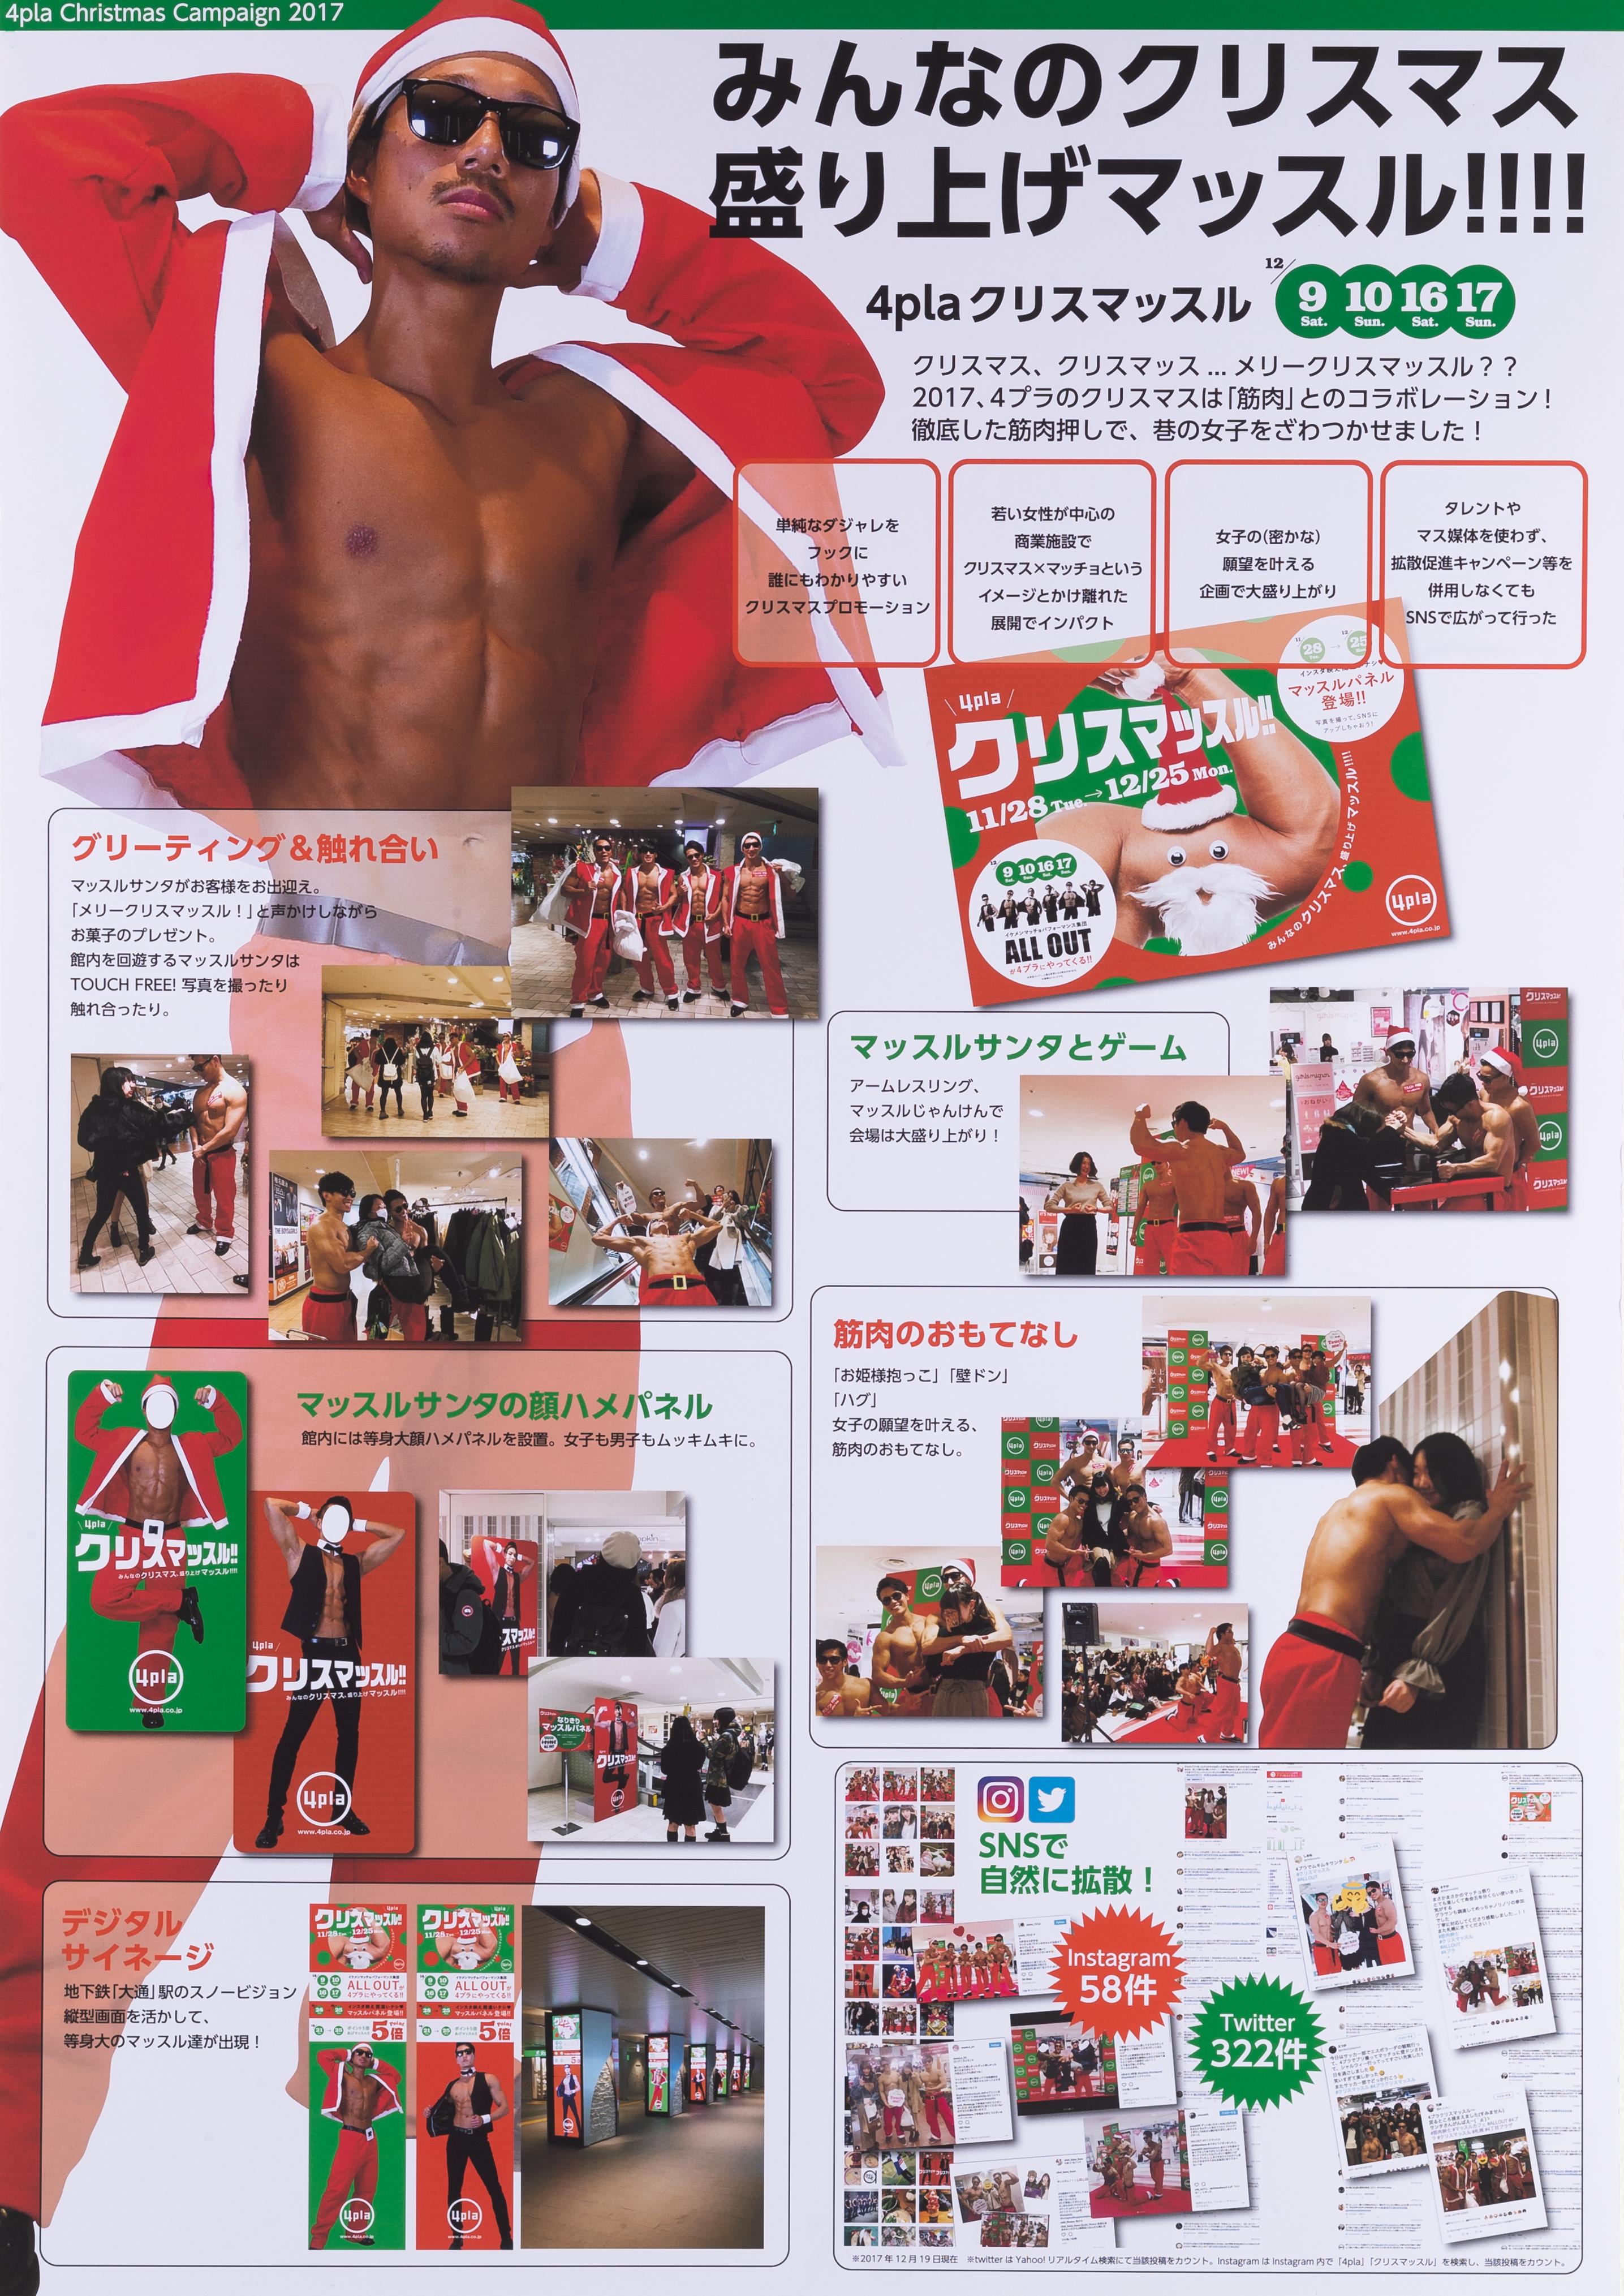 「4pla クリスマッスル!!」